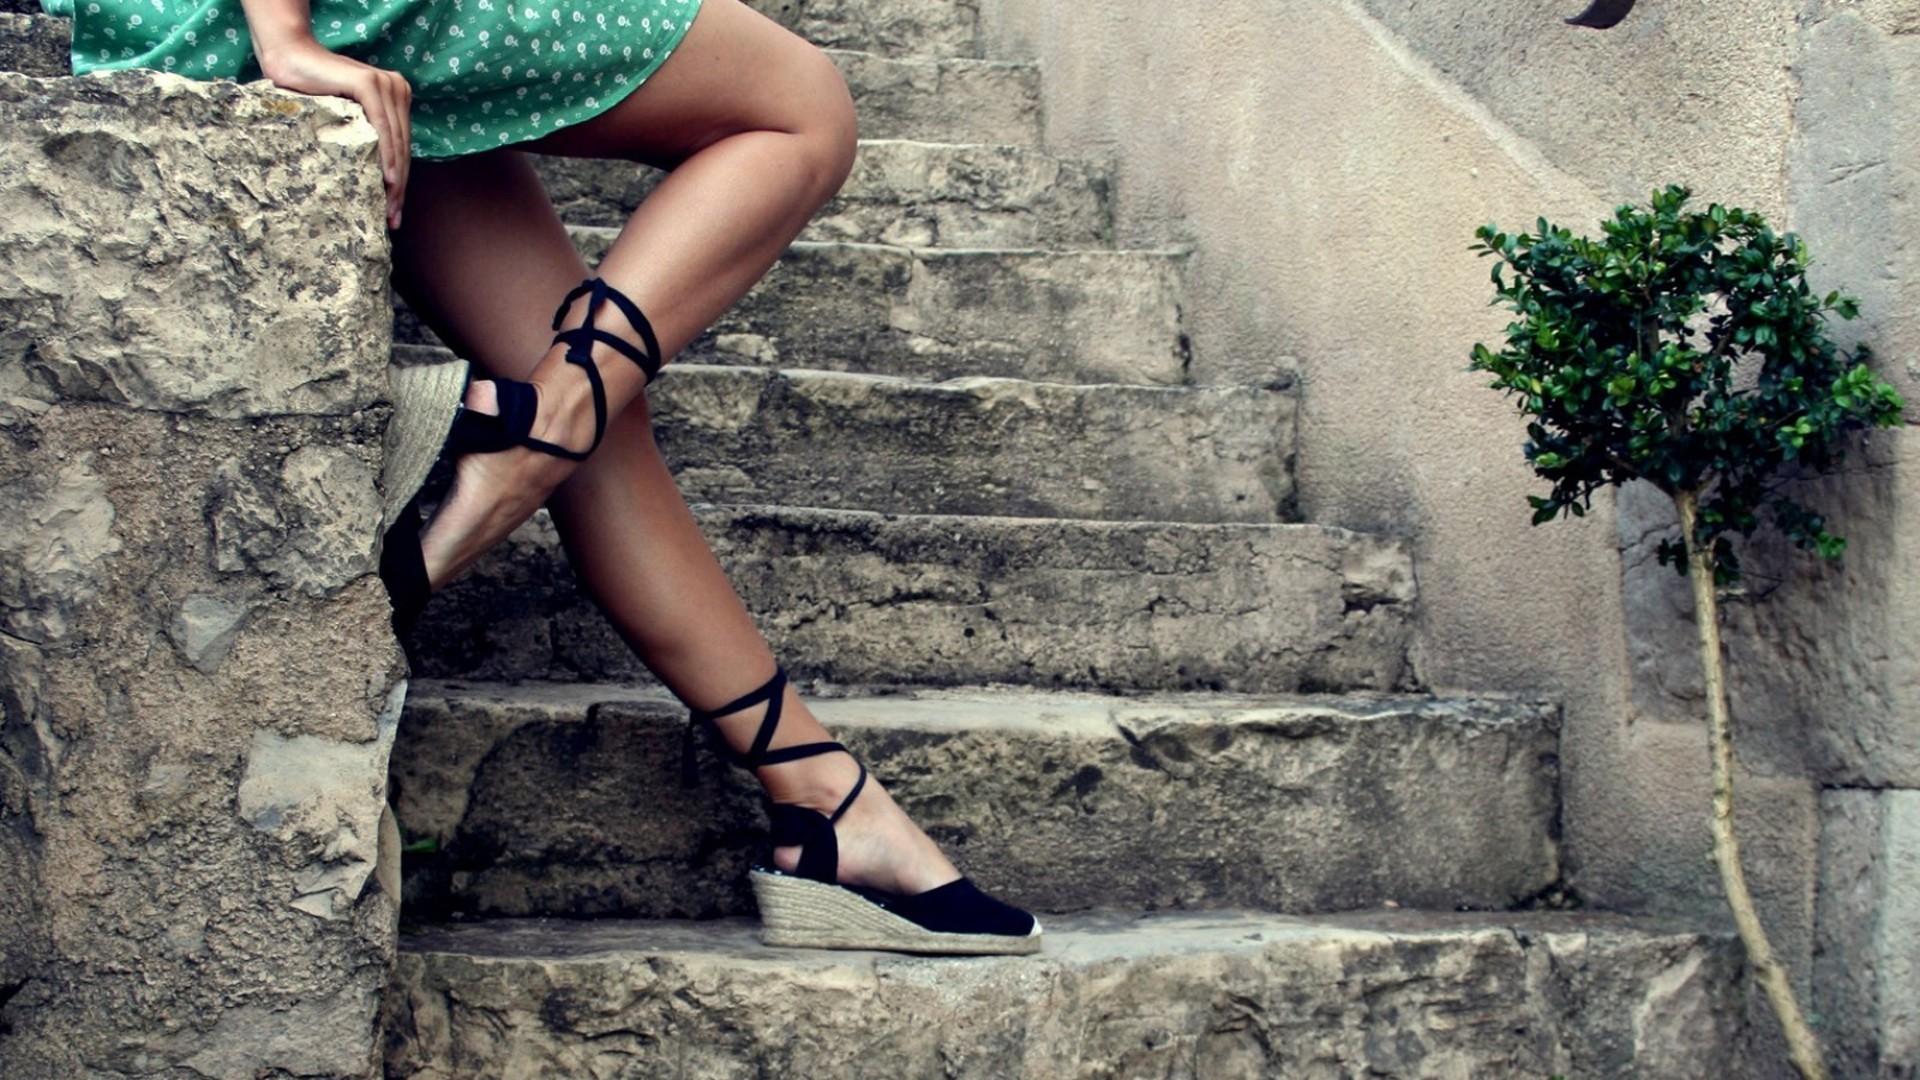 Трахнул на ступеньках, Мимолетный секс на лестнице » Порно онлайн в хорошем 4 фотография